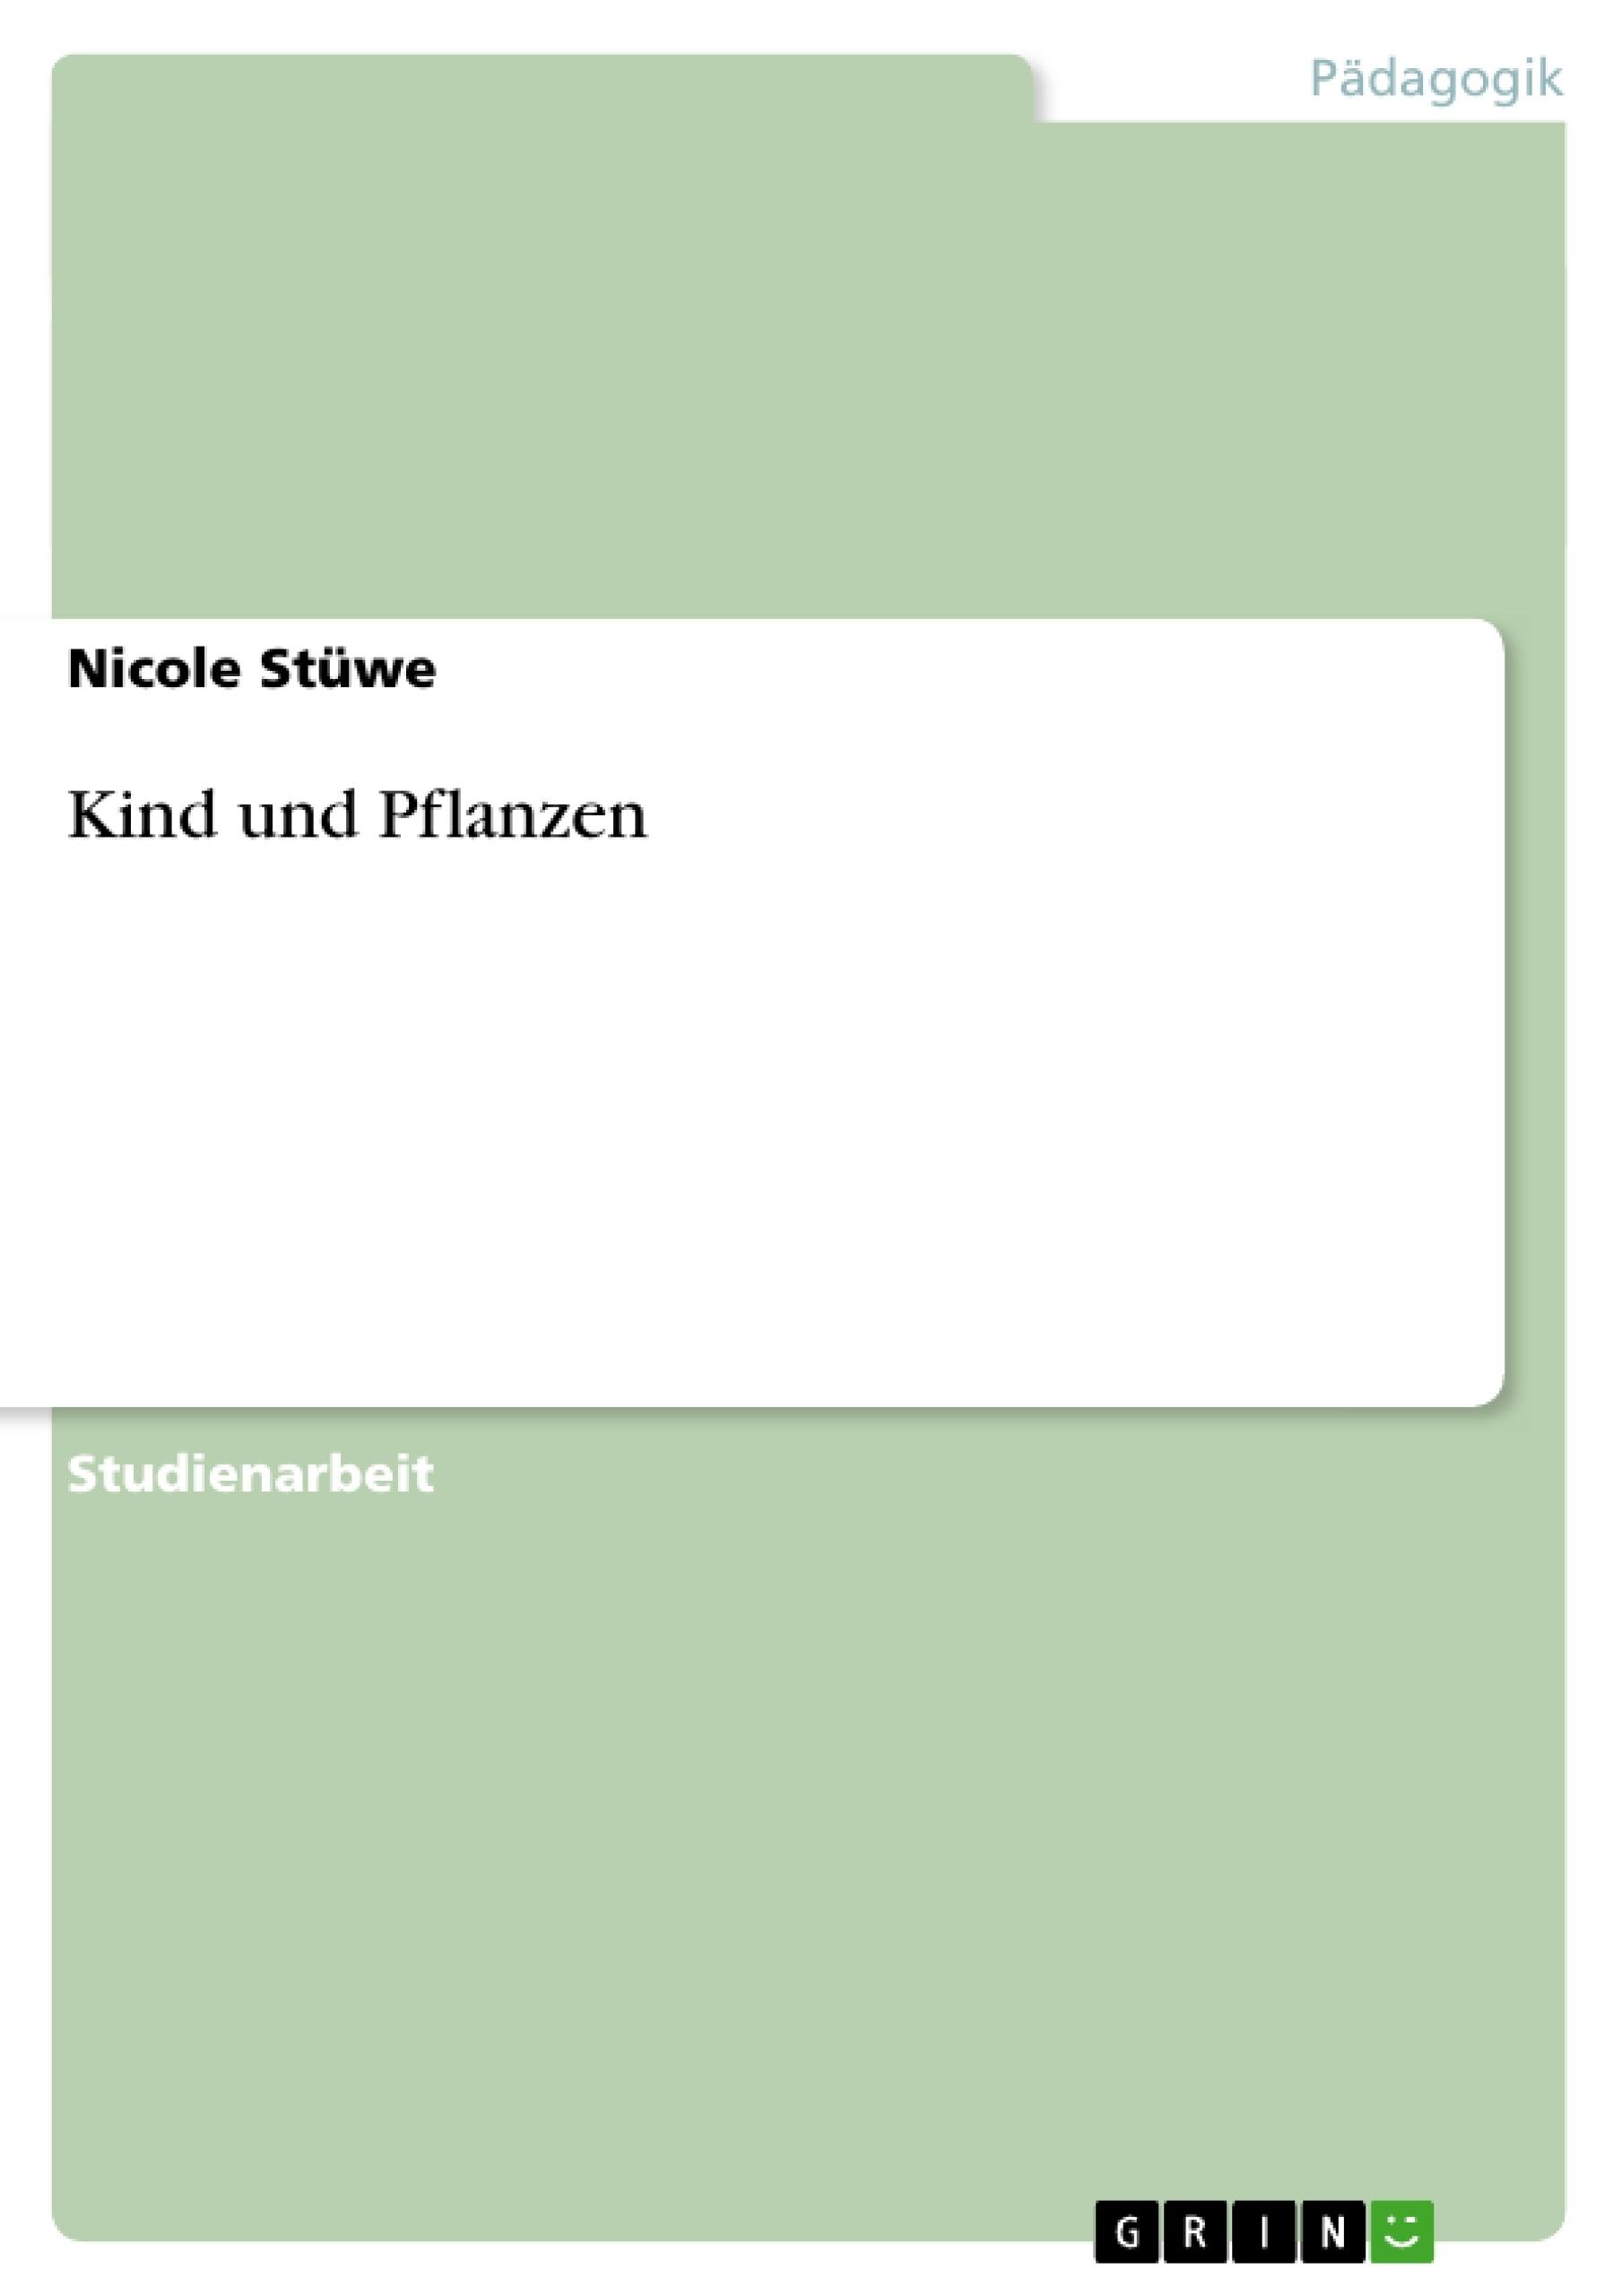 Titel: Kind und Pflanzen